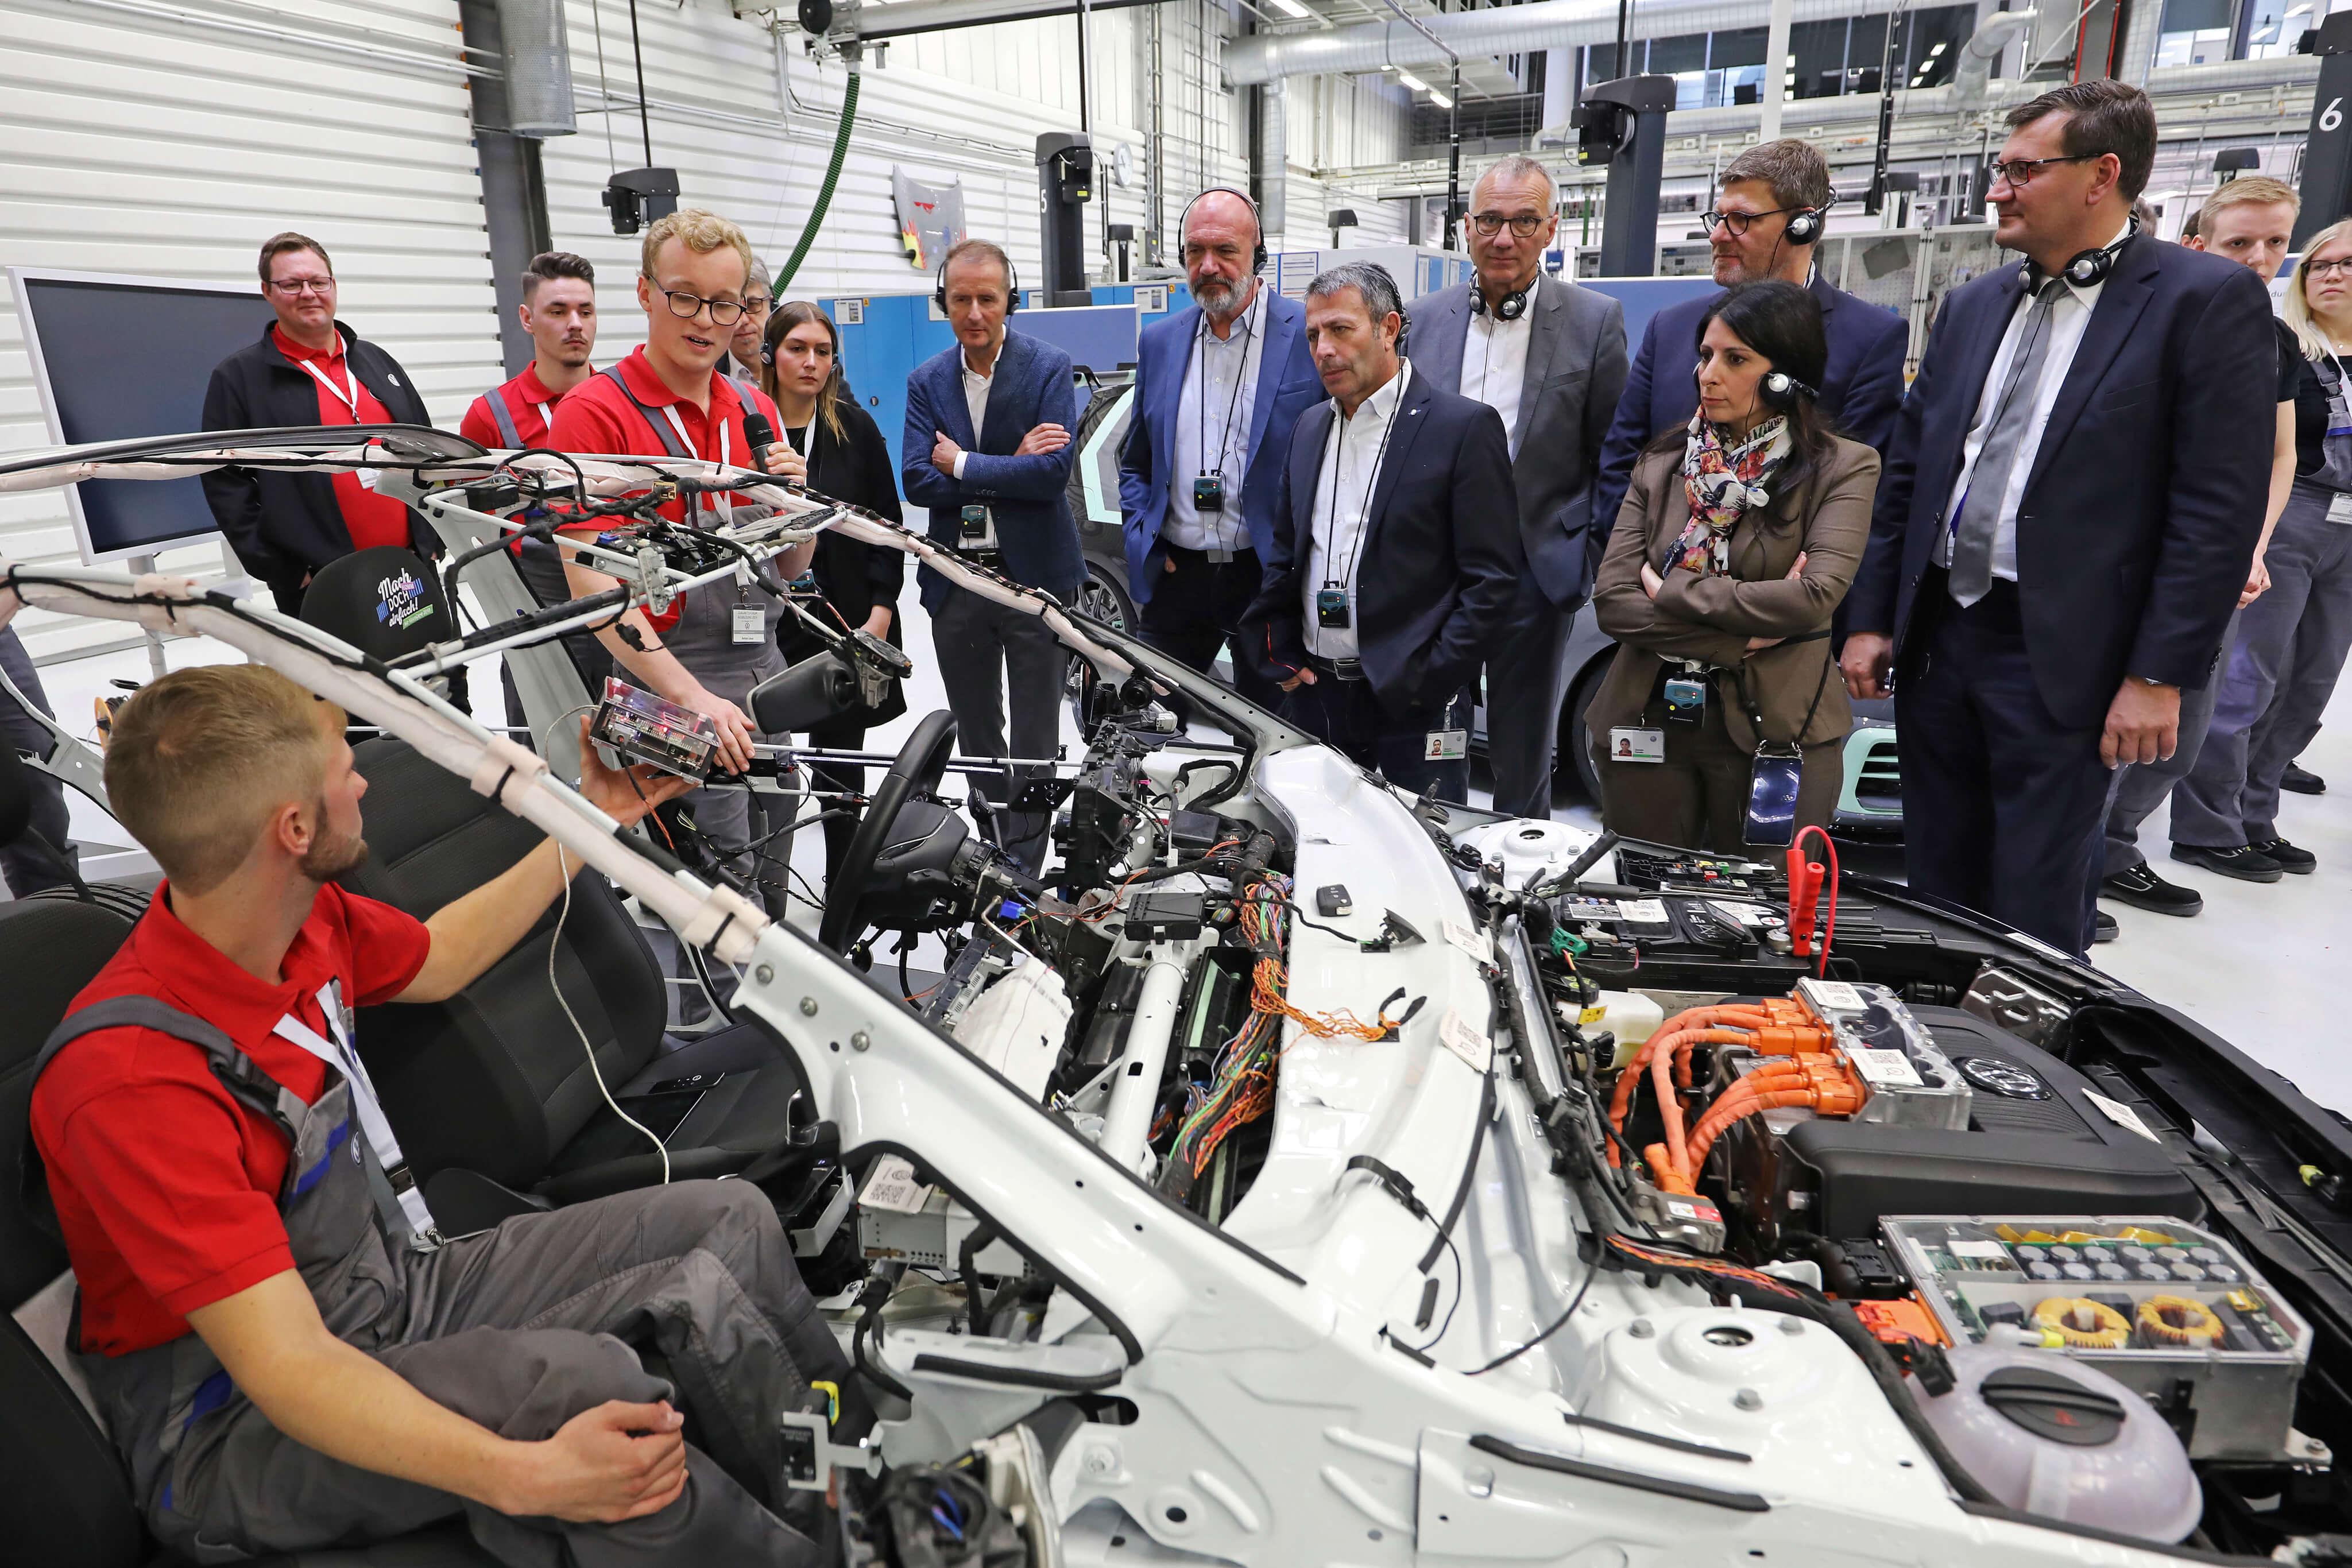 Volkswagen revamps its vocational training program. Source: Volkswagen